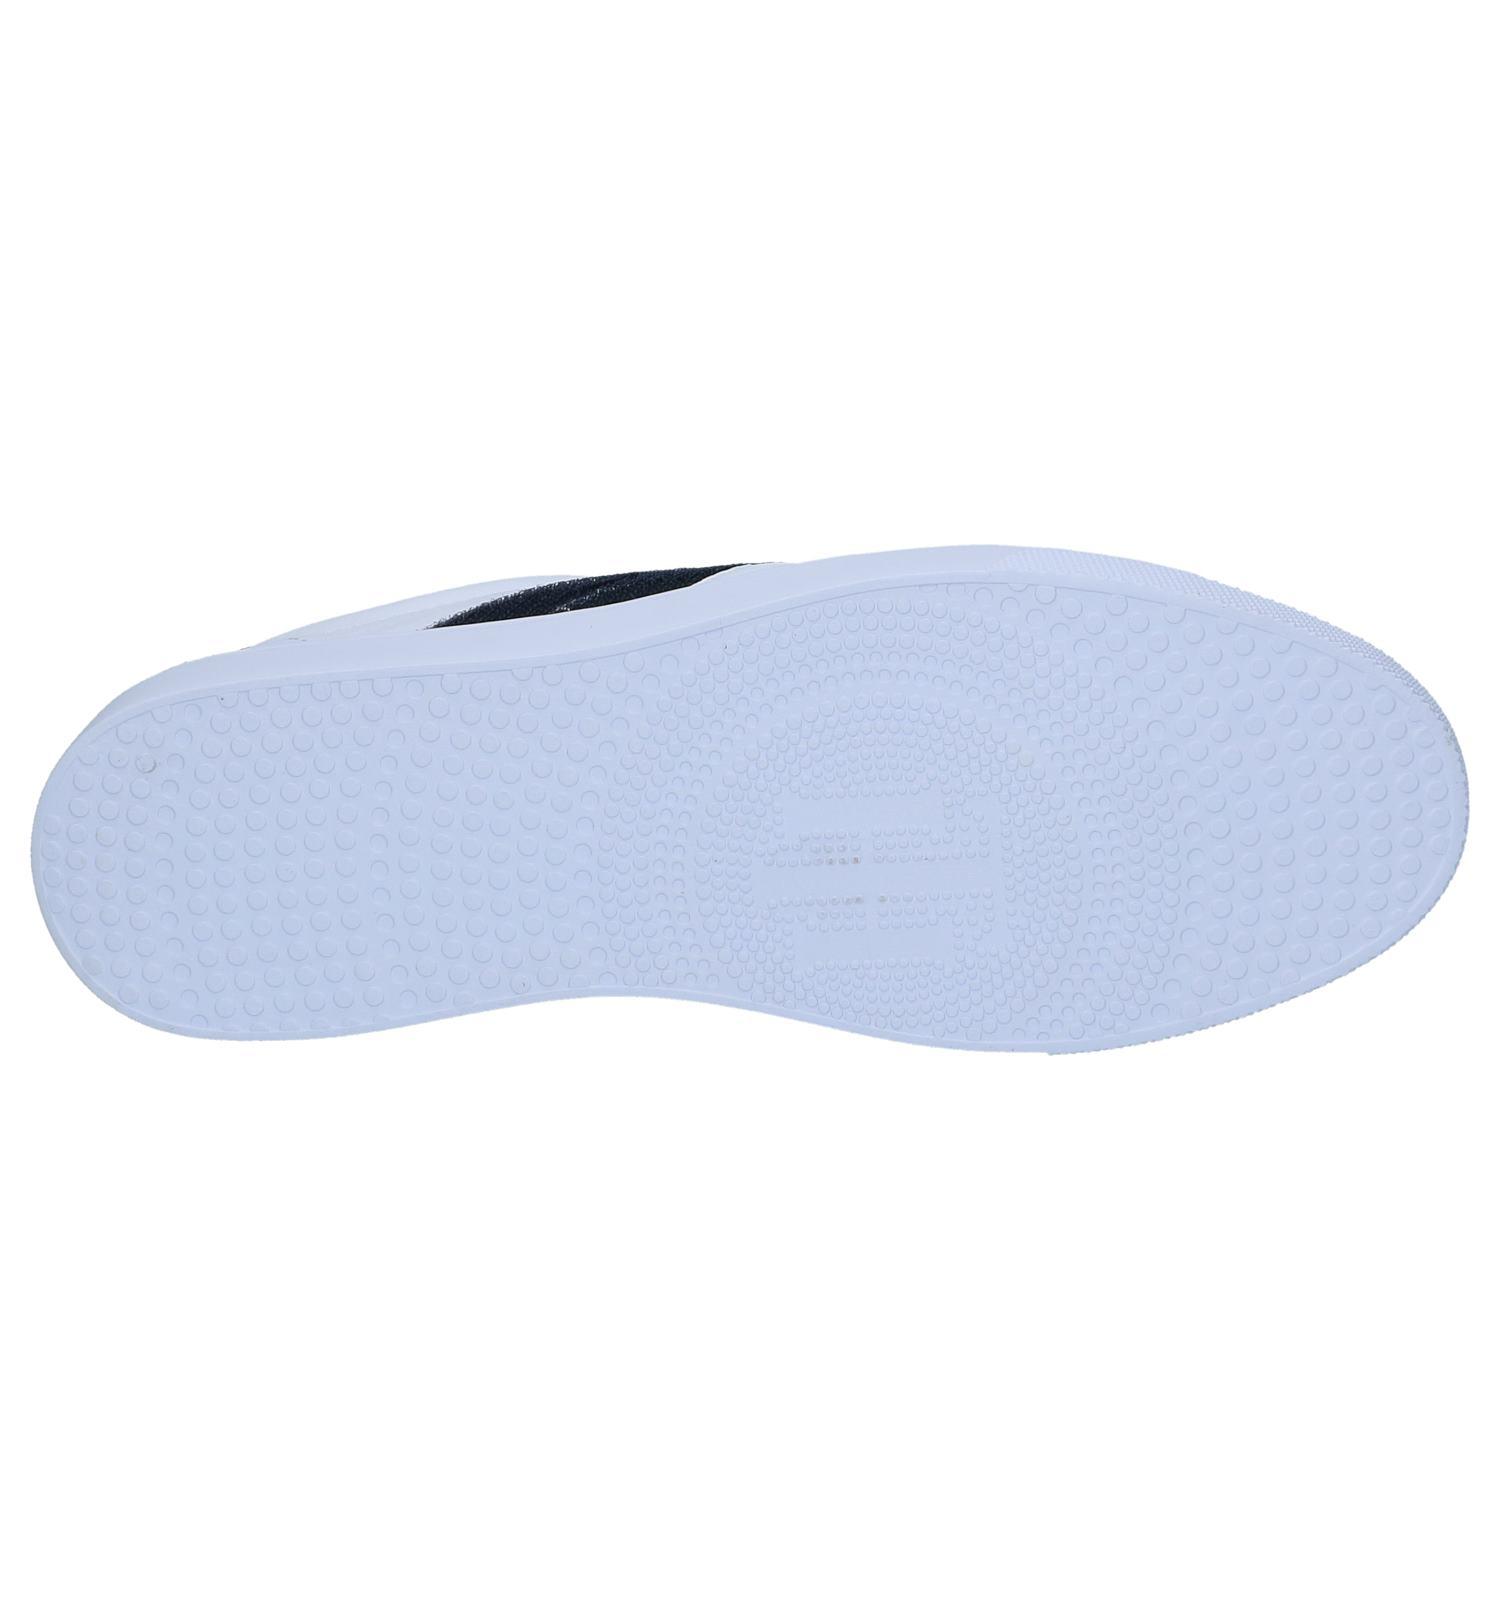 Witte Sneakers Sneakers Tommy Witte Witte Sneakers Tommy Hilfiger Hilfiger xBrCeWQdo